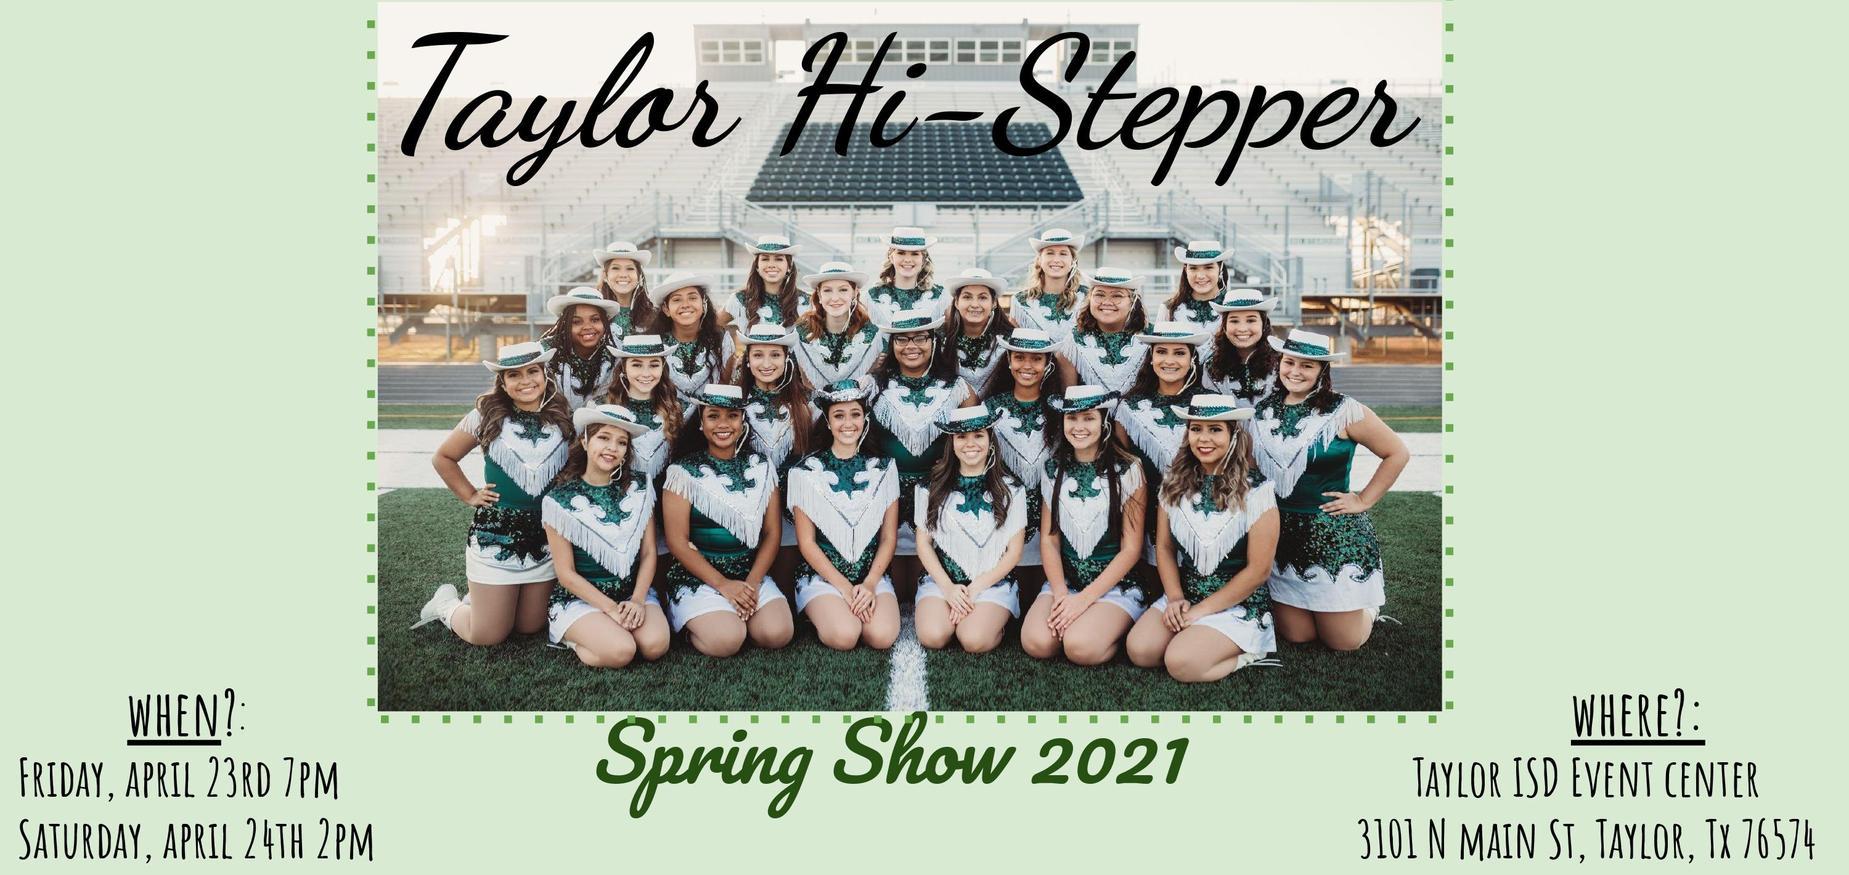 stepper spring show 2021